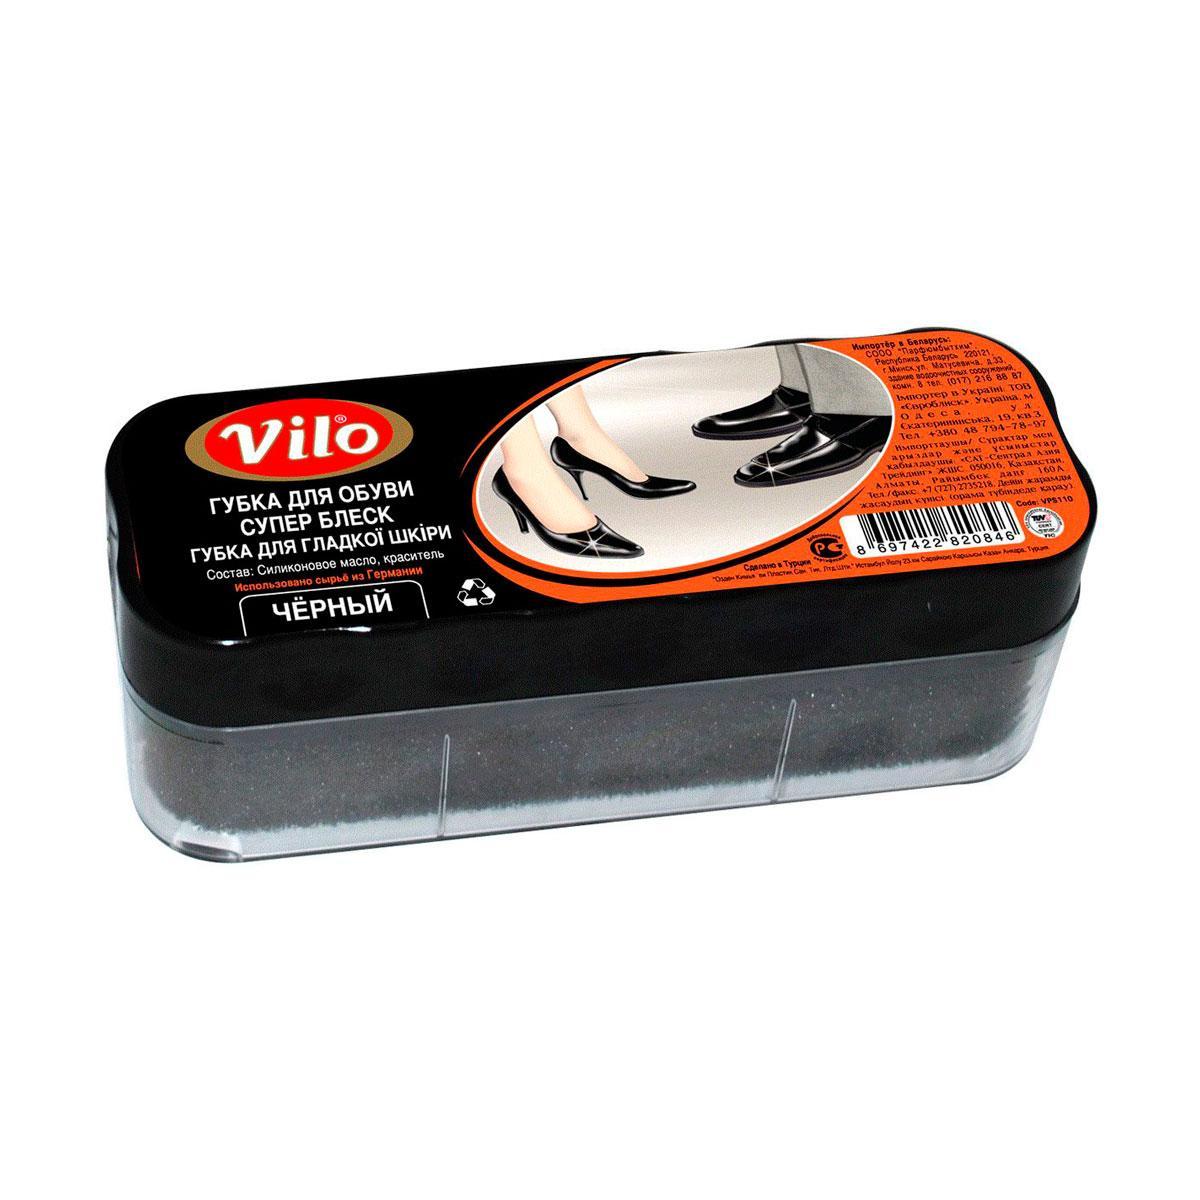 Губка для обуви Vilo Для гладкой кожи Суперблеск Черный 12х4,5х4,5см